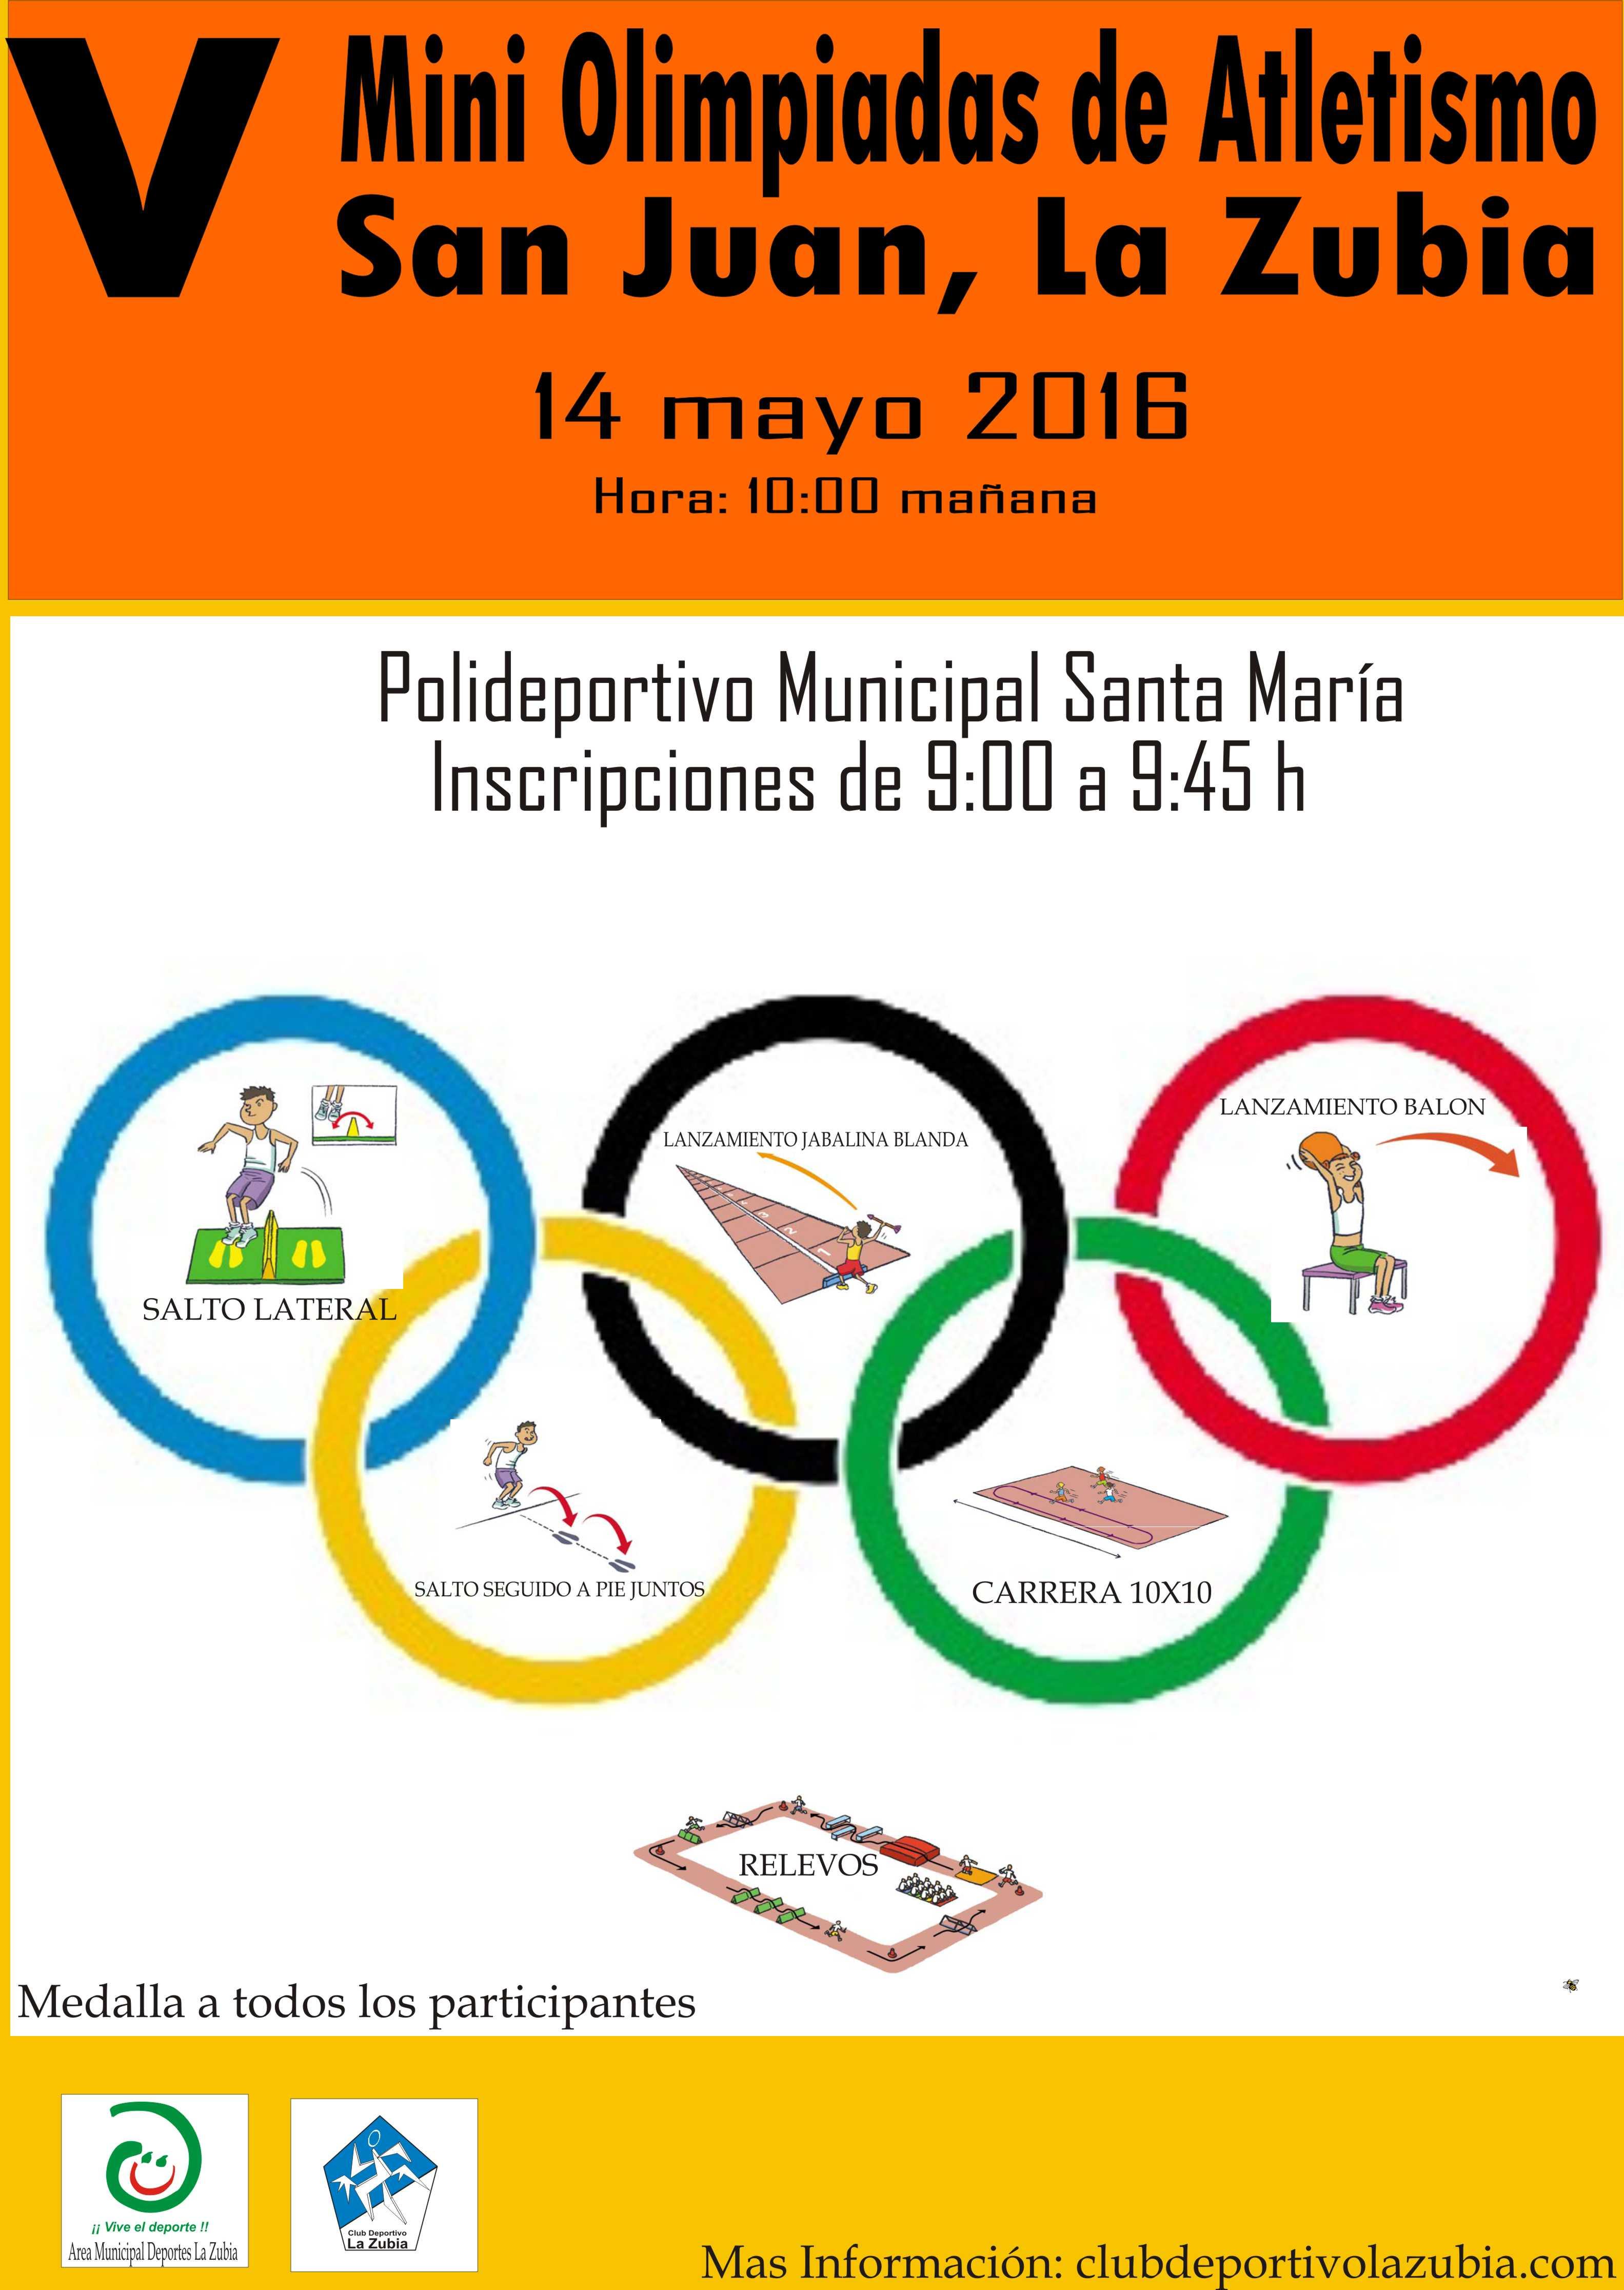 Mini Olimpidadas San Juan 2016